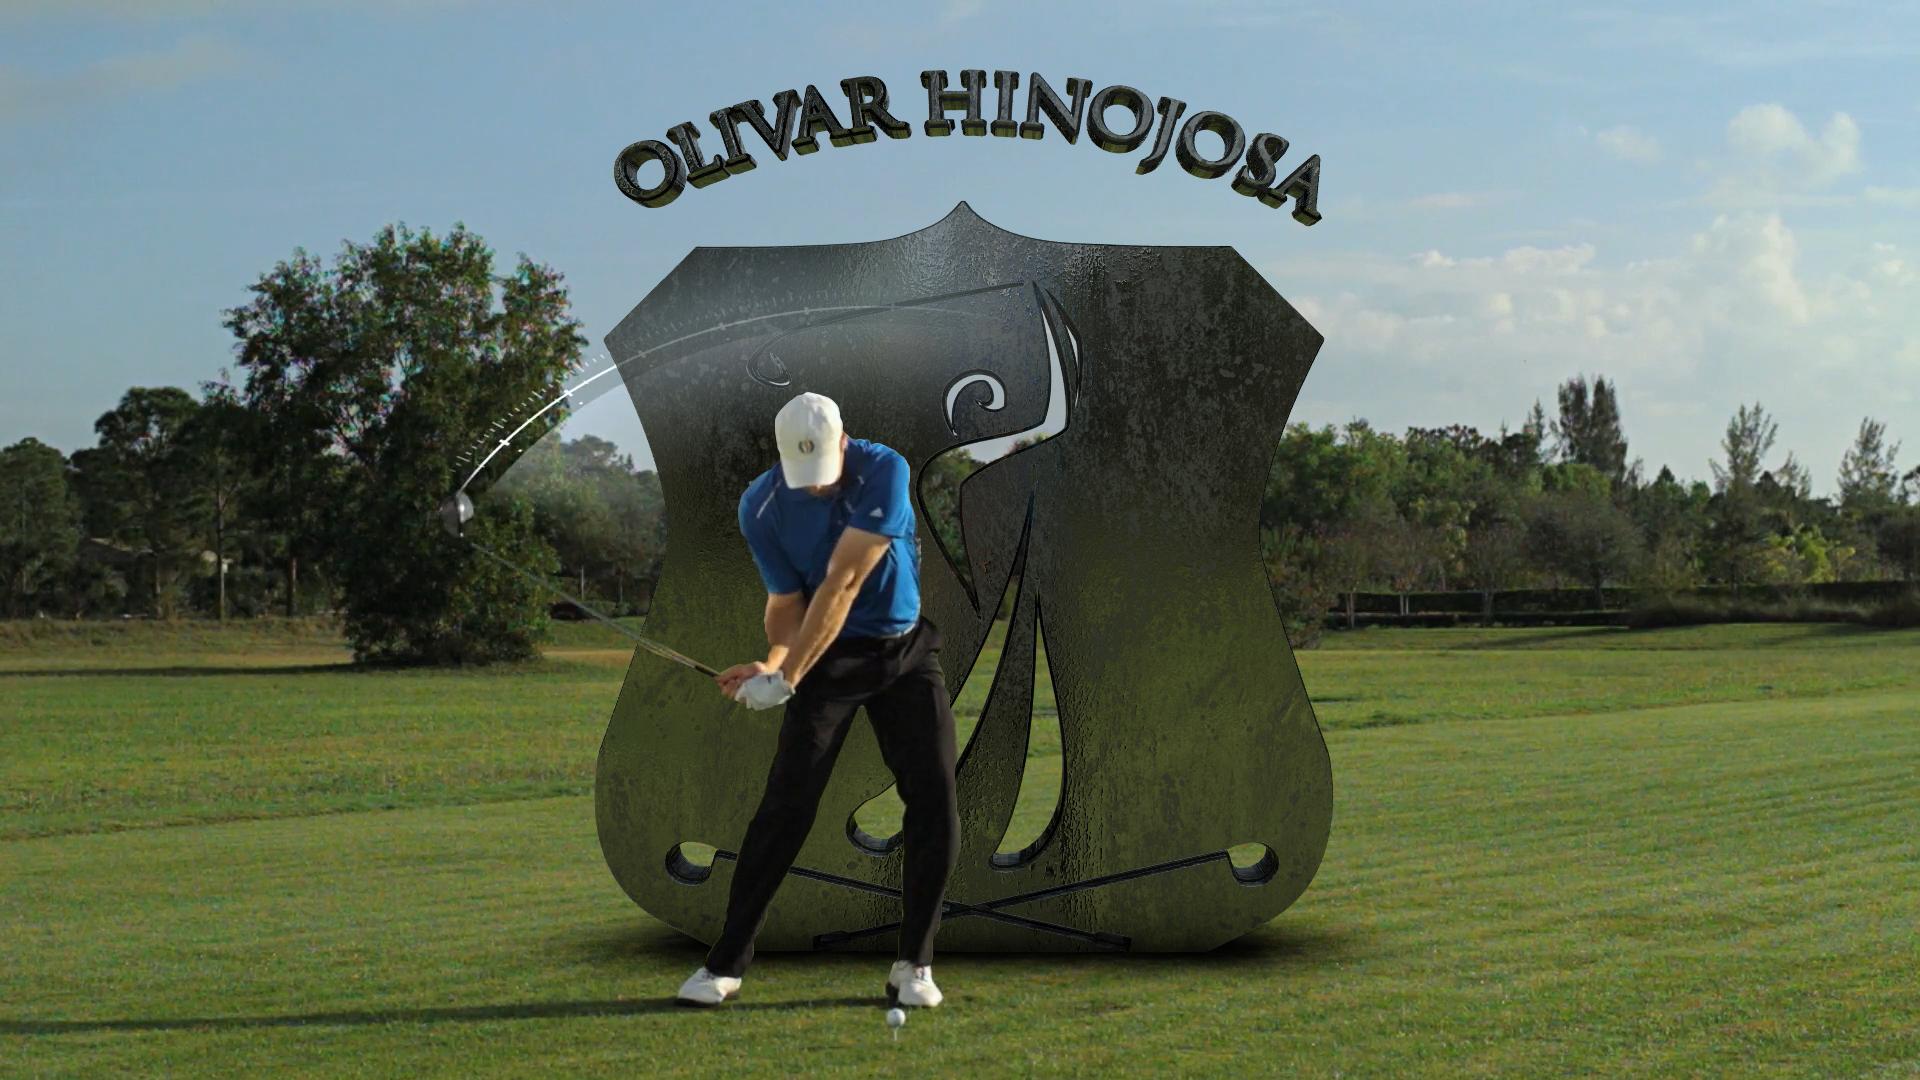 Trackman 4 Golf Radar - vídeo presentación de producto para club de golf